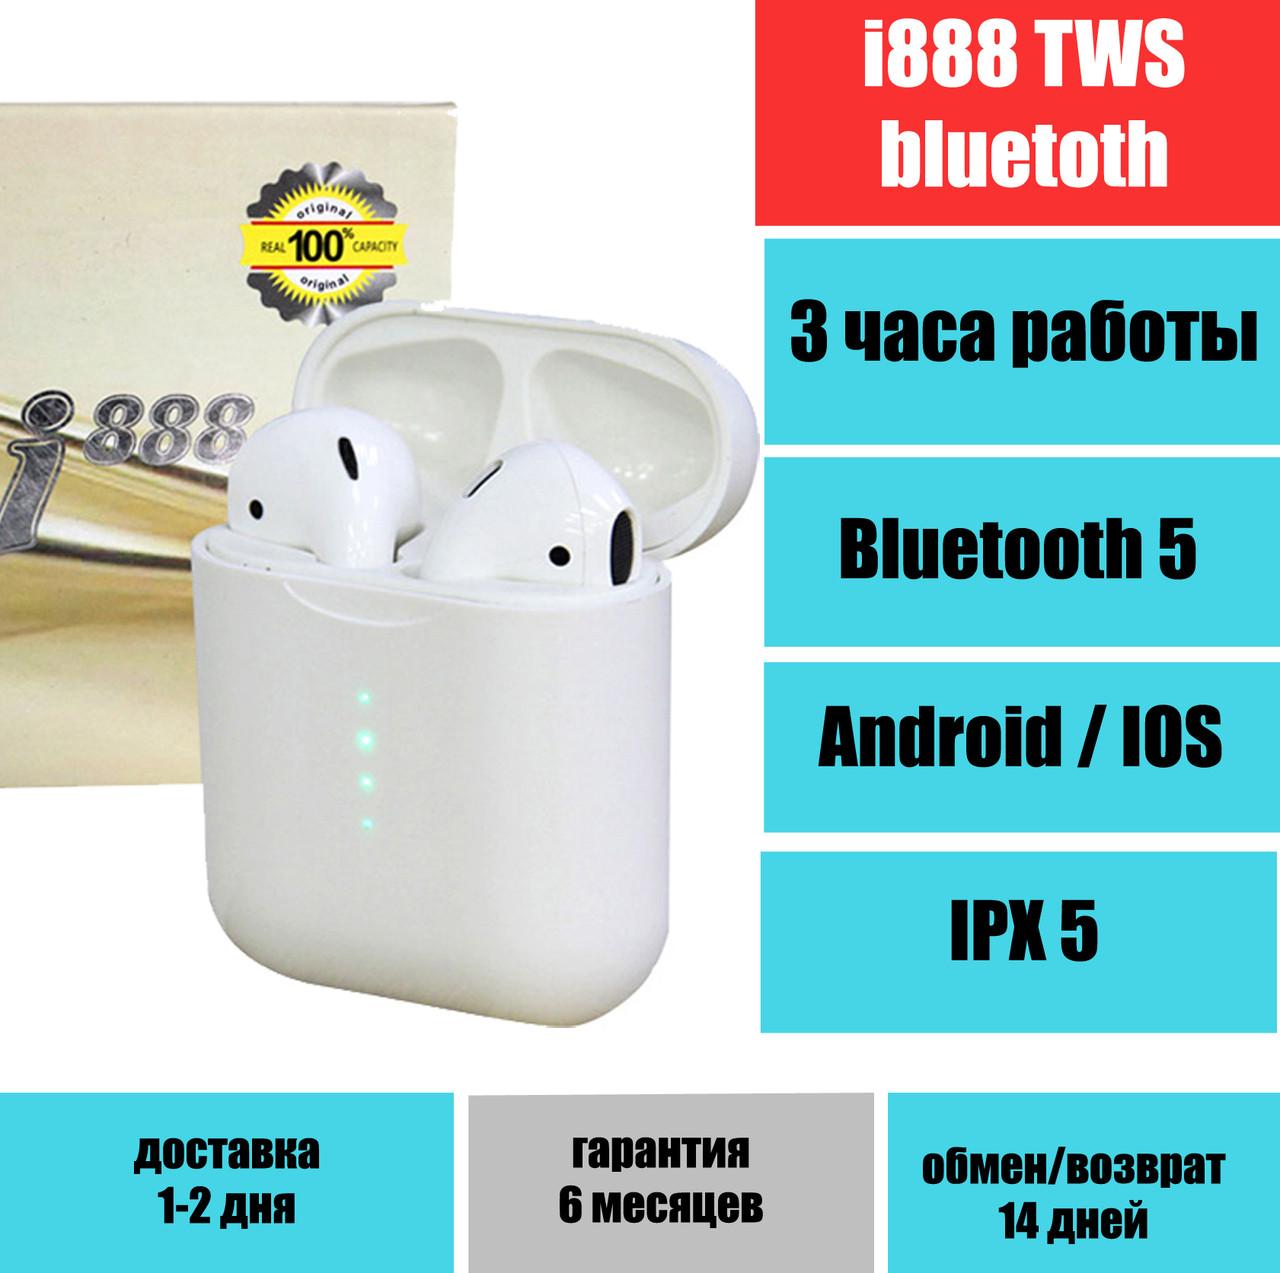 Наушники i888 TWS Black оригинал, сенсорные, беспроводные bluetooth гарнитура, полный комплект, качество